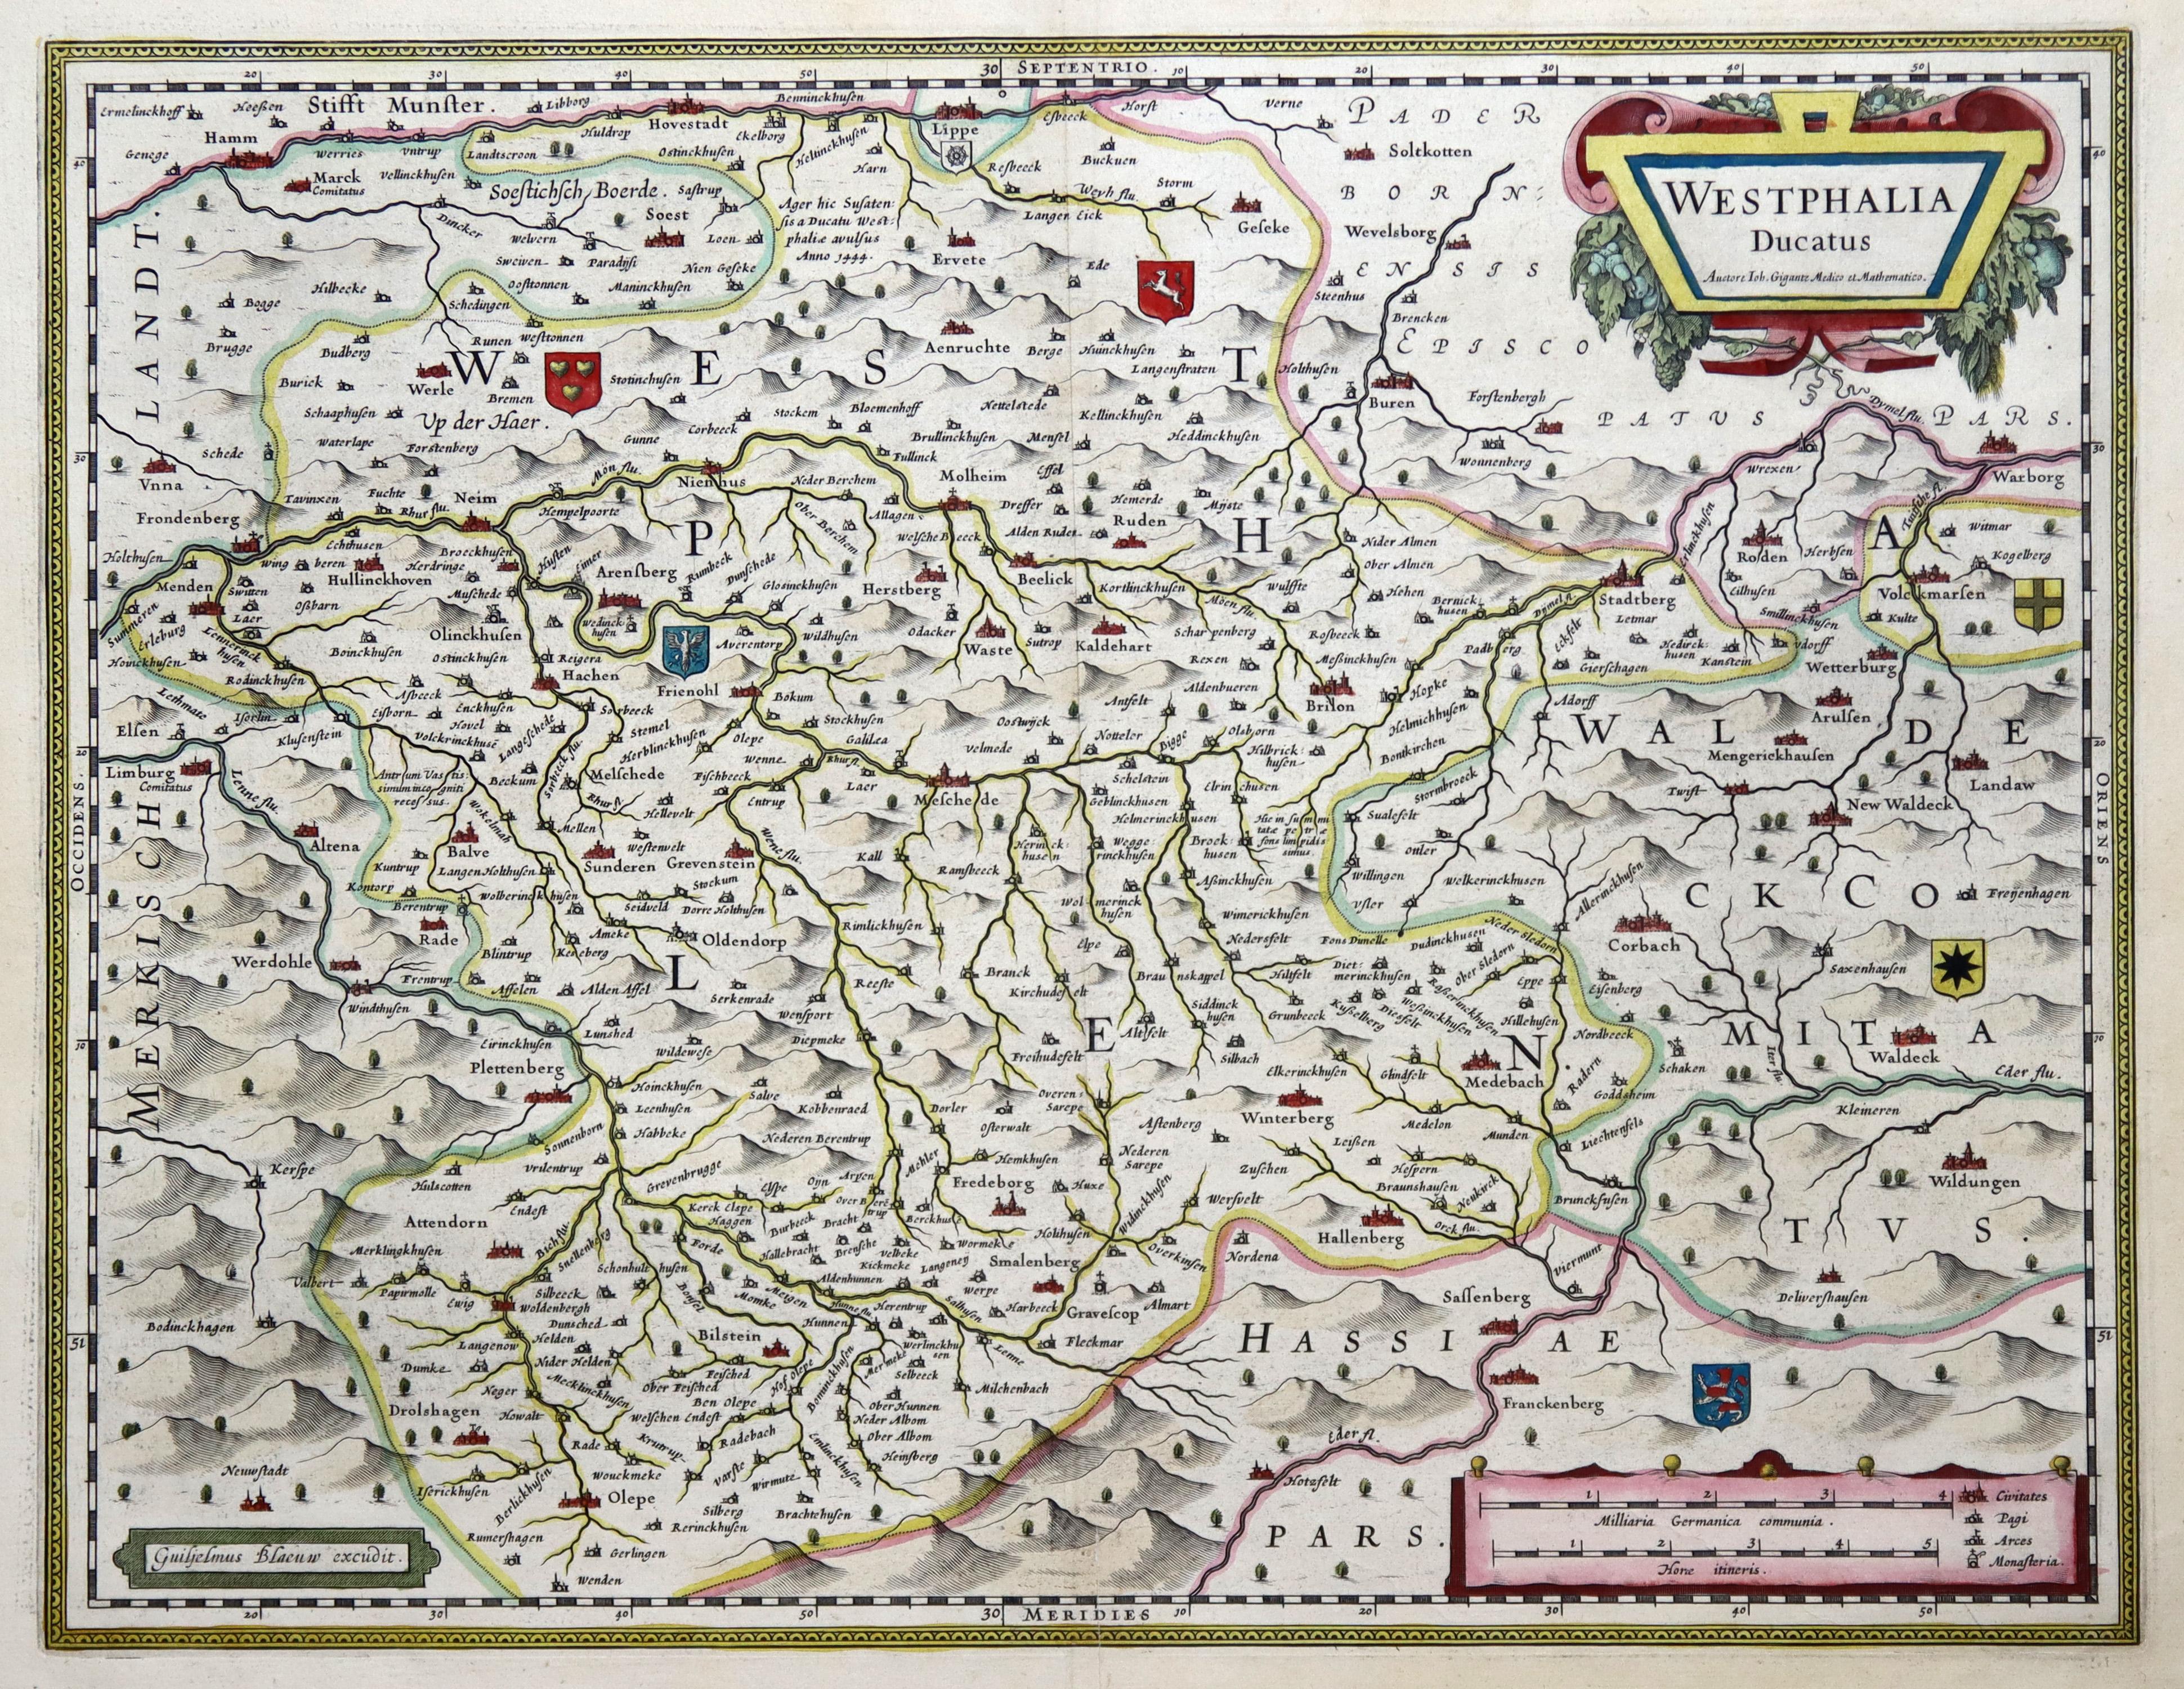 Sauerland Karte.Kupferstich Karte N Gigas B Blaeu